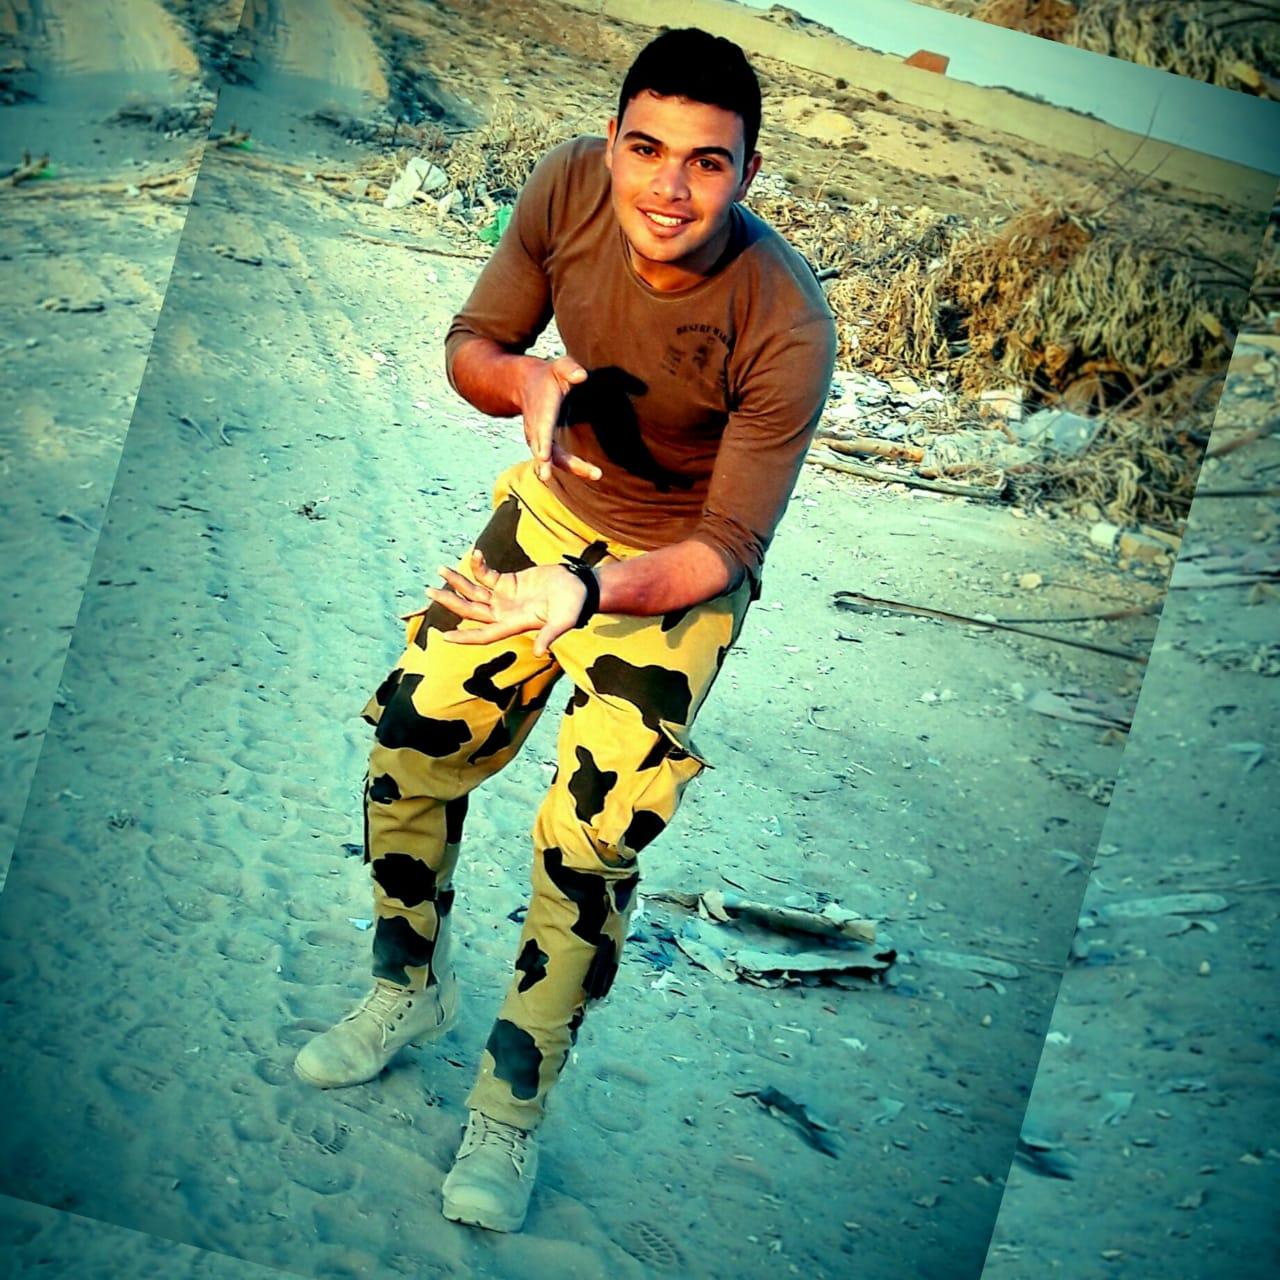 الشهيد عريف مقاتل محمد السيد رمضان والشهير بماسا 2